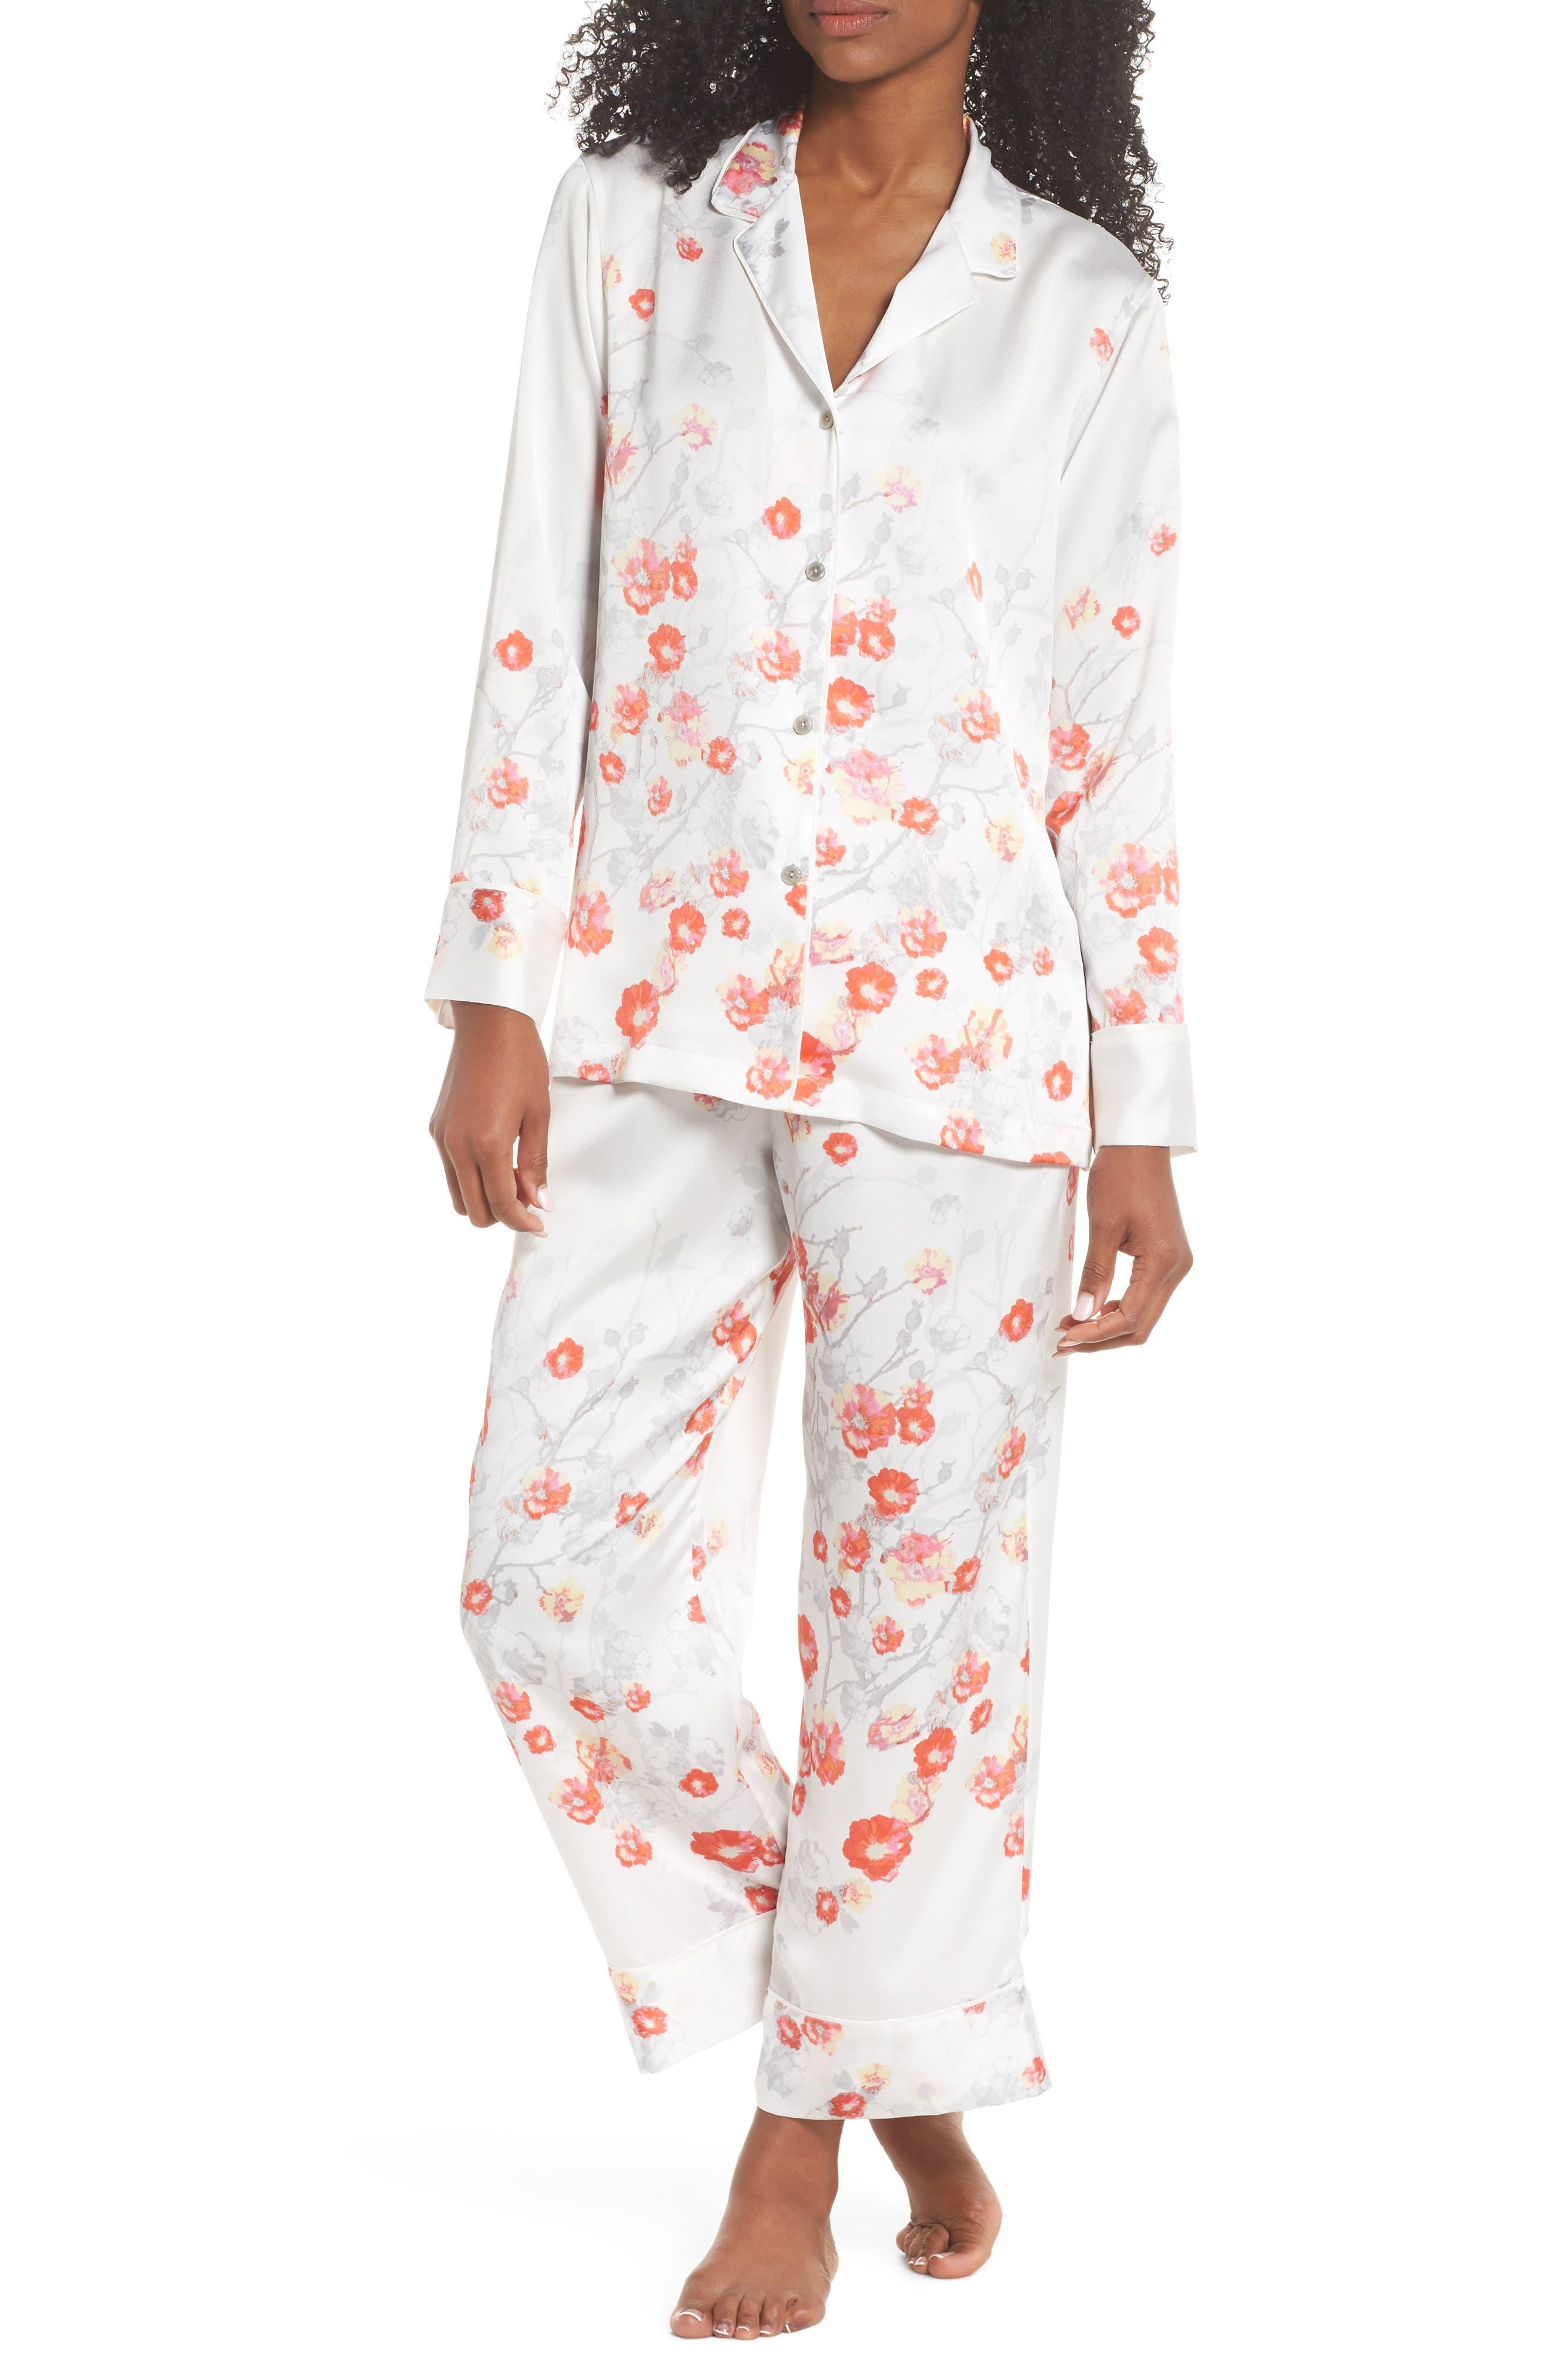 Blossom Print Satin Pajamas,                         Main,                         color, White/ Multi